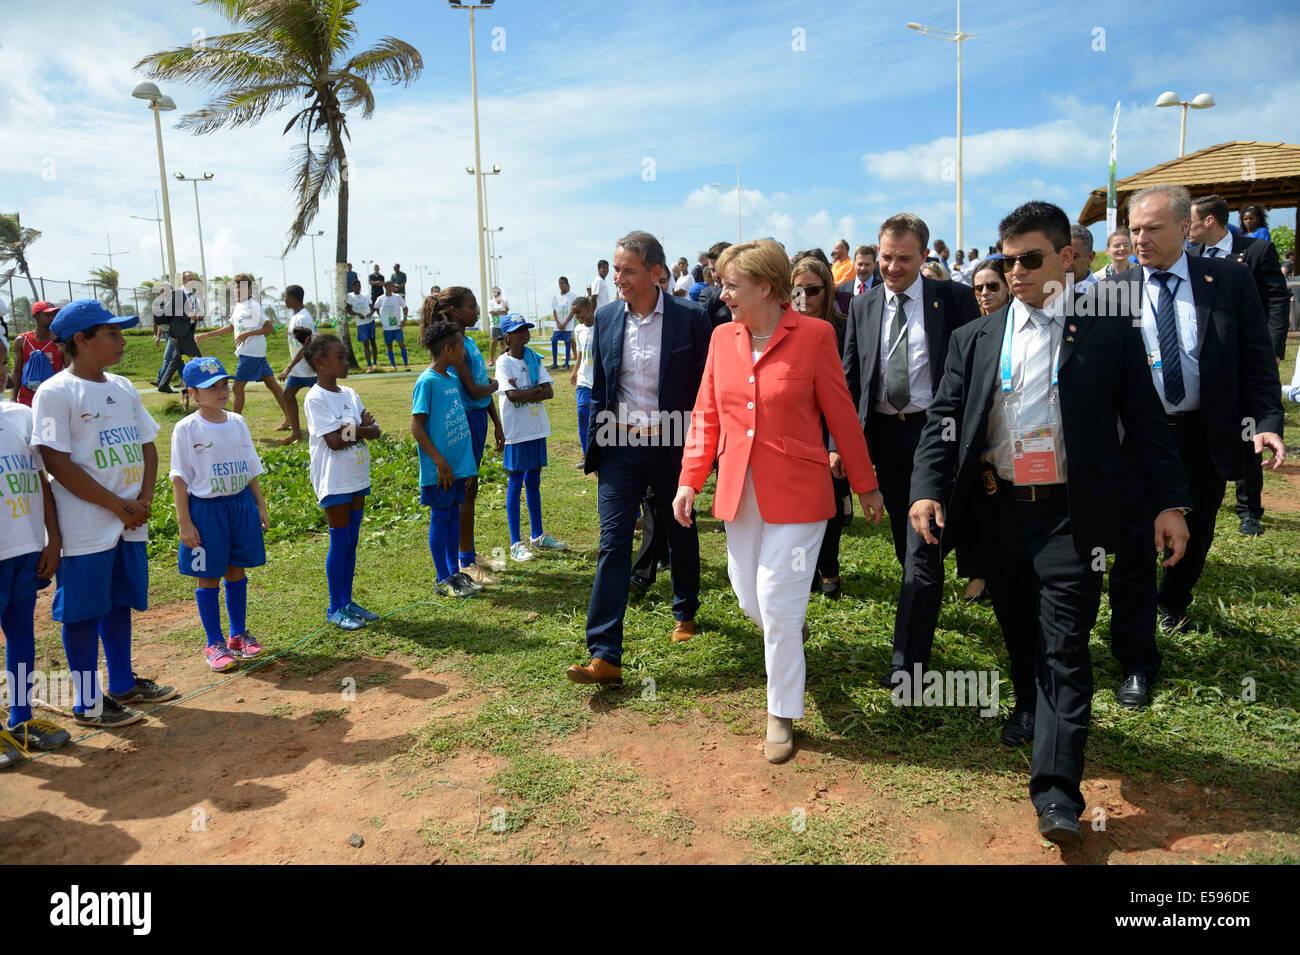 Brazil, Salvador da Bahia, Chancellor Merkel visiting social